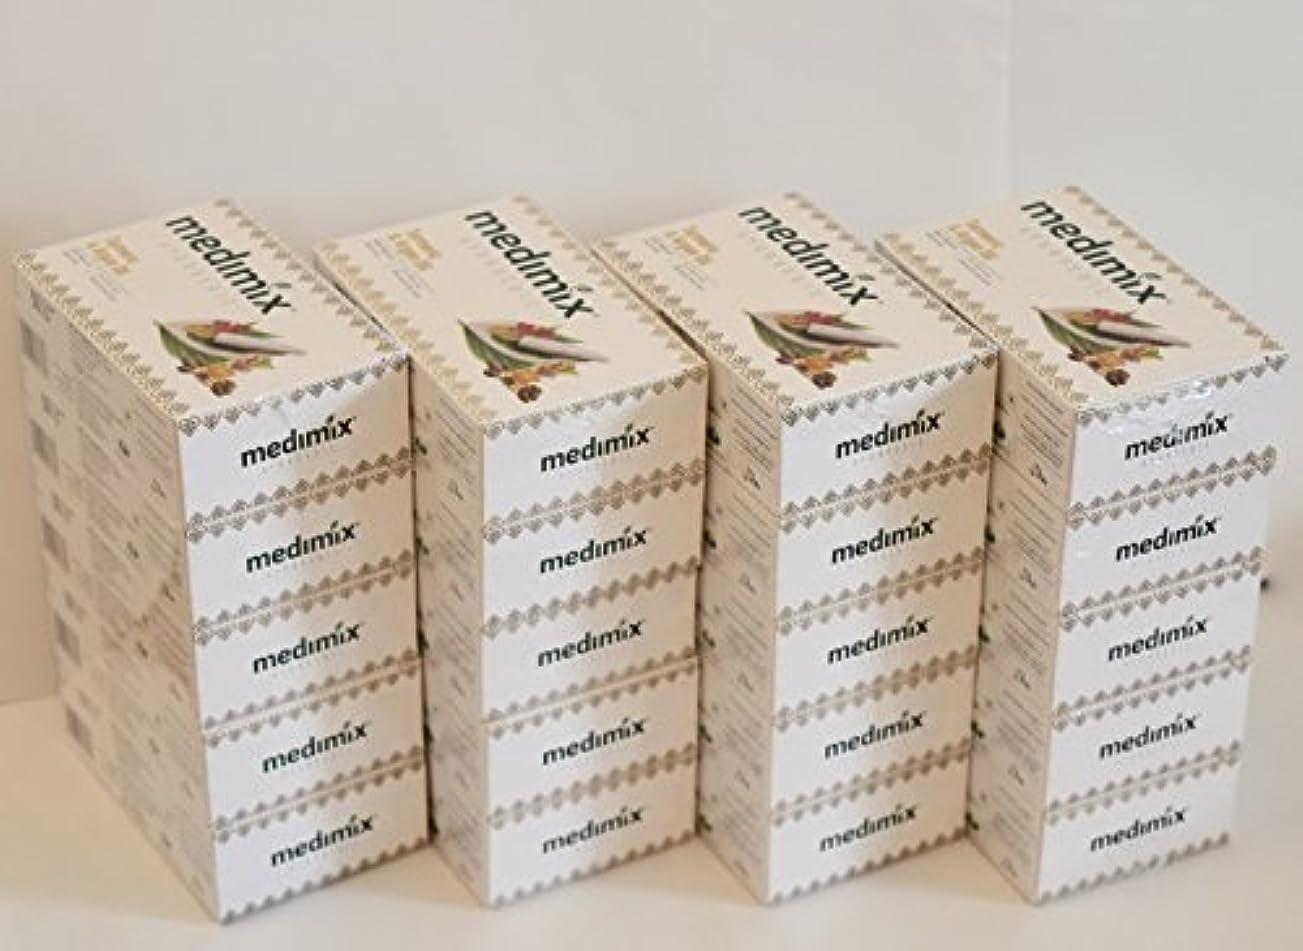 モール増強オートMEDIMIX メディミックス アーユルヴェーダ ターメリック アンド アルガン石鹸(medimix AYURVEDA Turmeric & Argan) 125g 20個入り